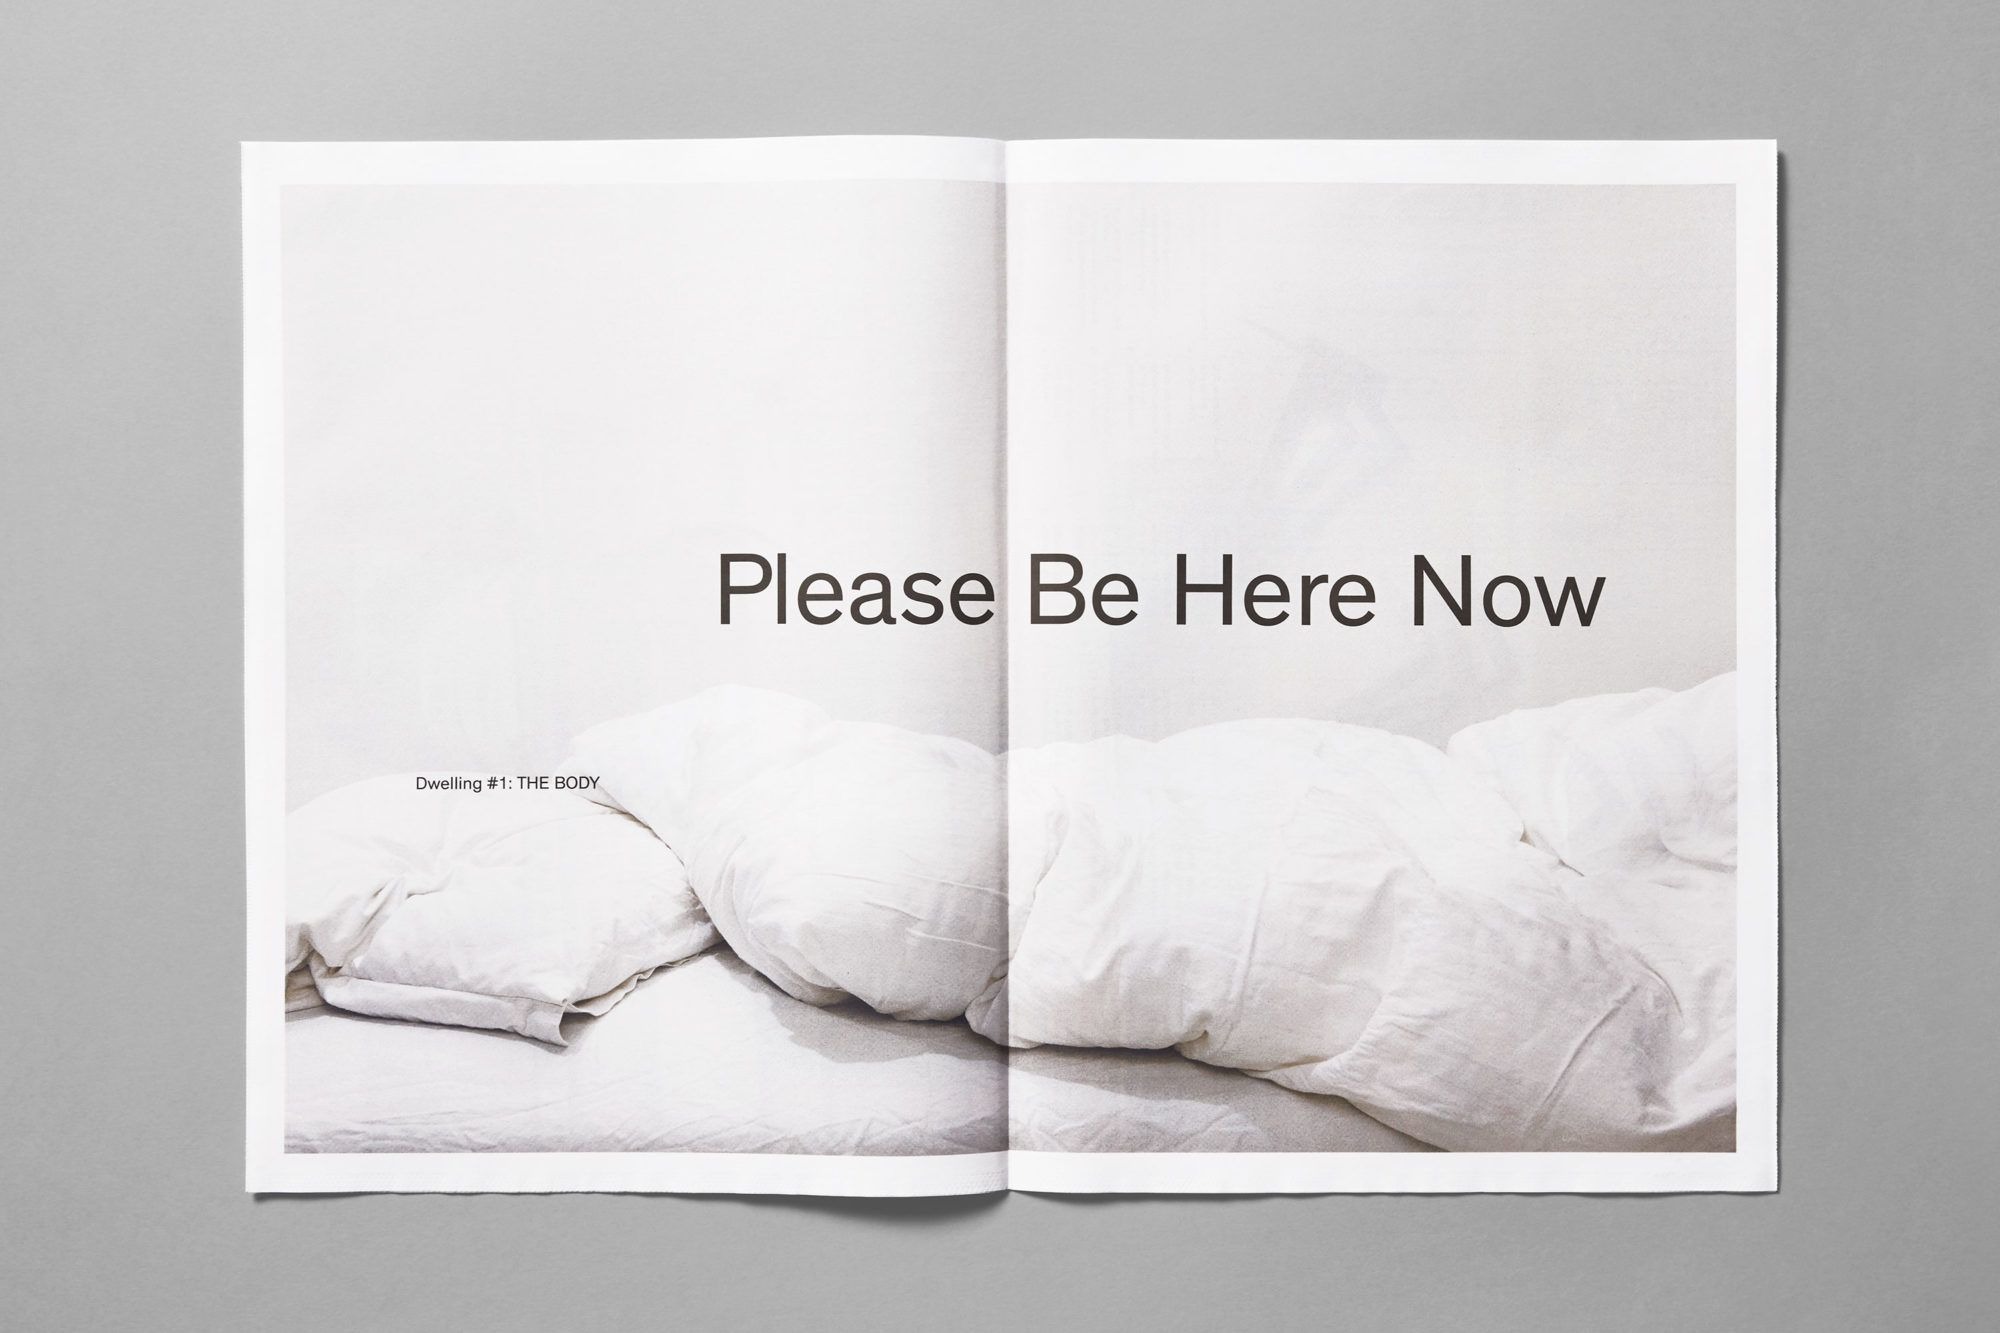 Publications - Studio Claus Due / Graphic Design Studio / Copenhagen, Denmark